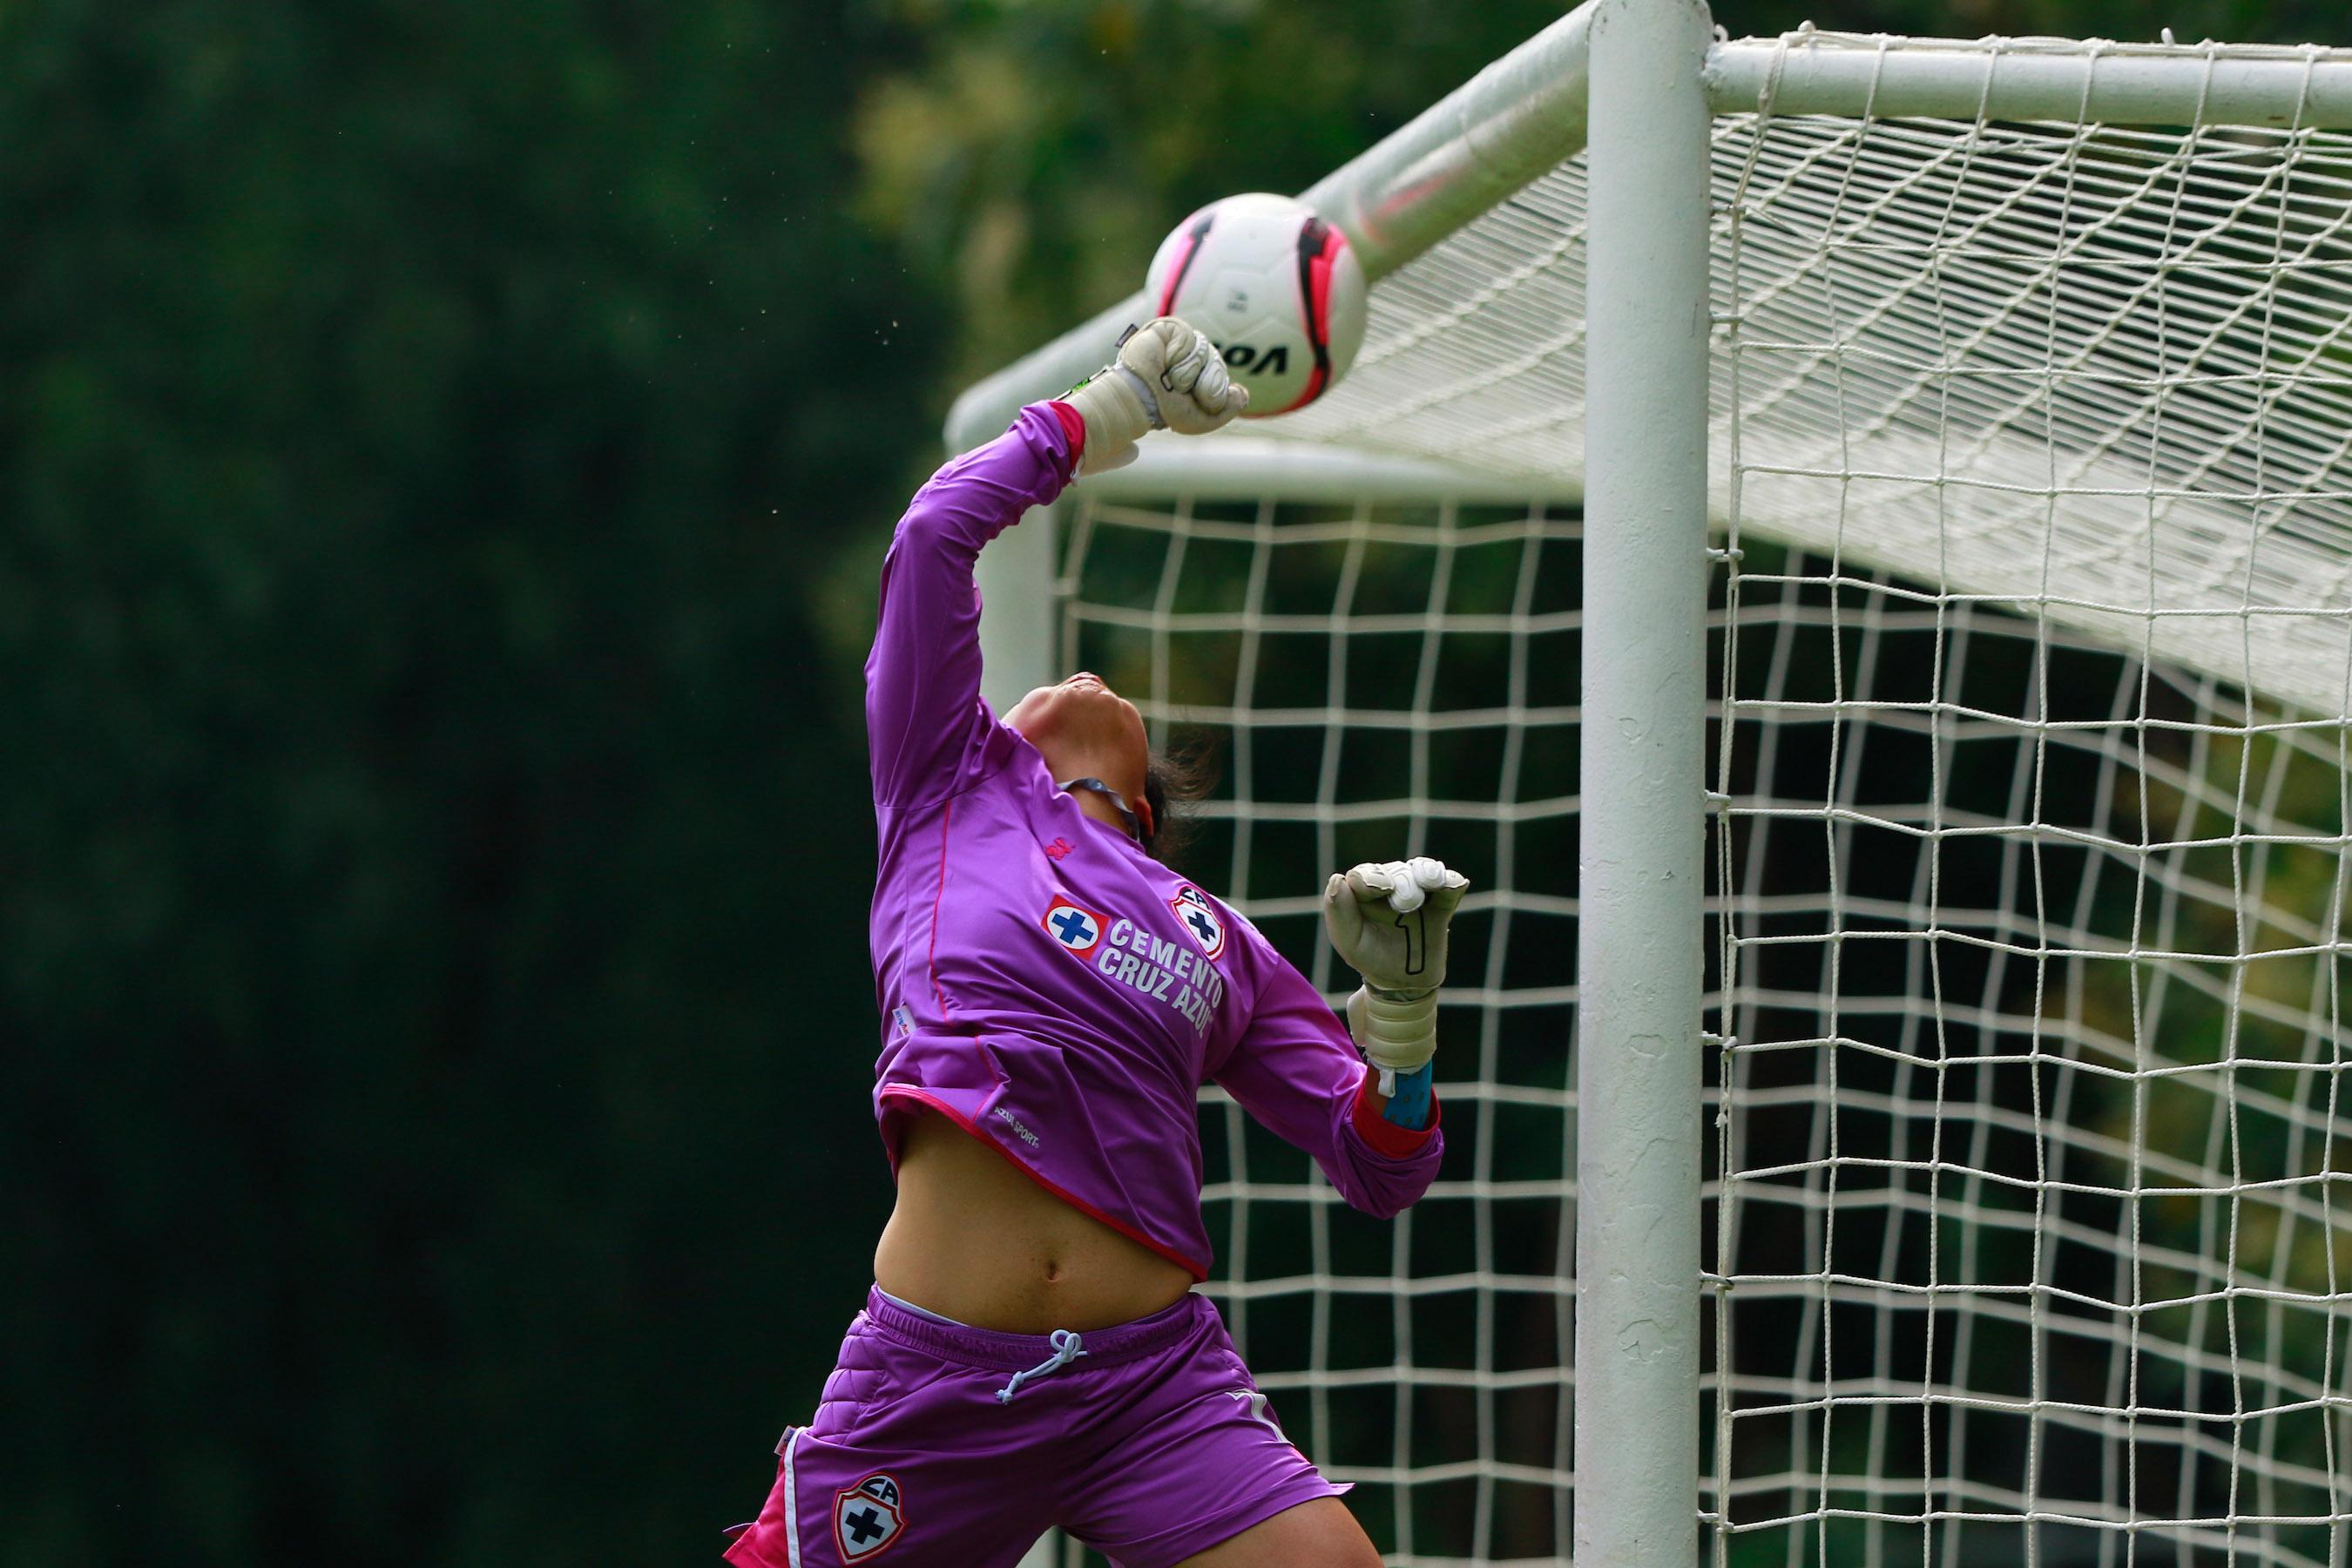 Ciudad de México, 26 de agosto 2017, el equipo de Pumas derrotó 3-1 al conjunto de Cruz Azul en la Jornada 5 de la Liga MX Femenil (Foto: Cuartoscuro)